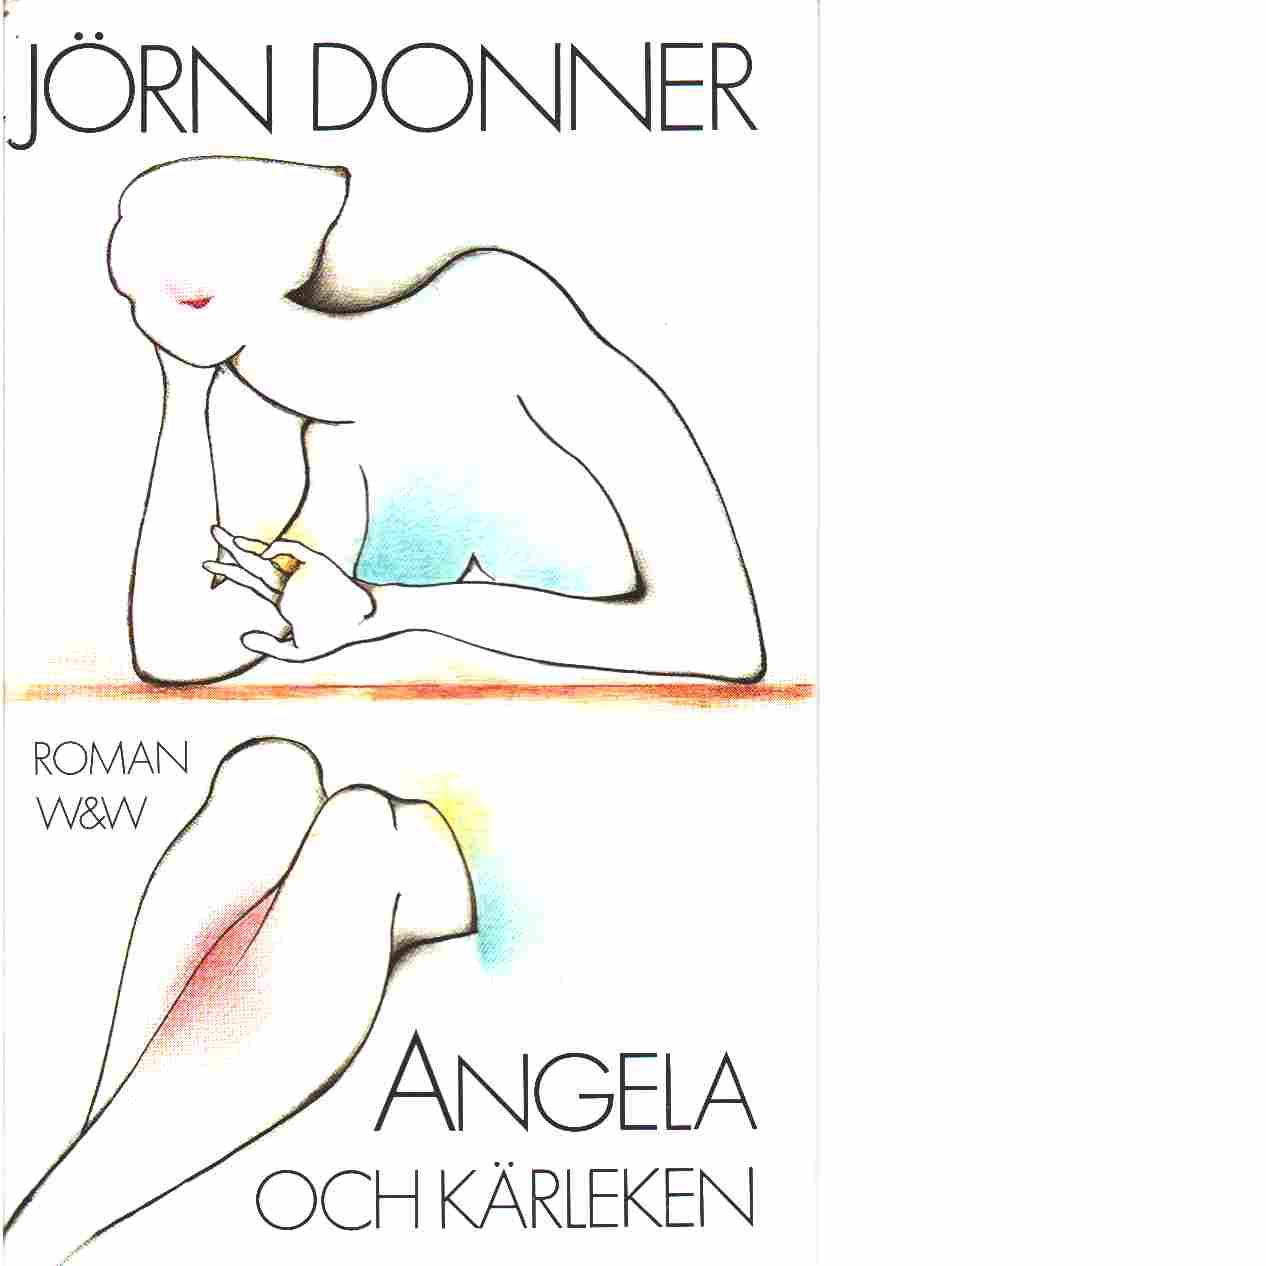 Angela och kärleken - Donner, Jörn